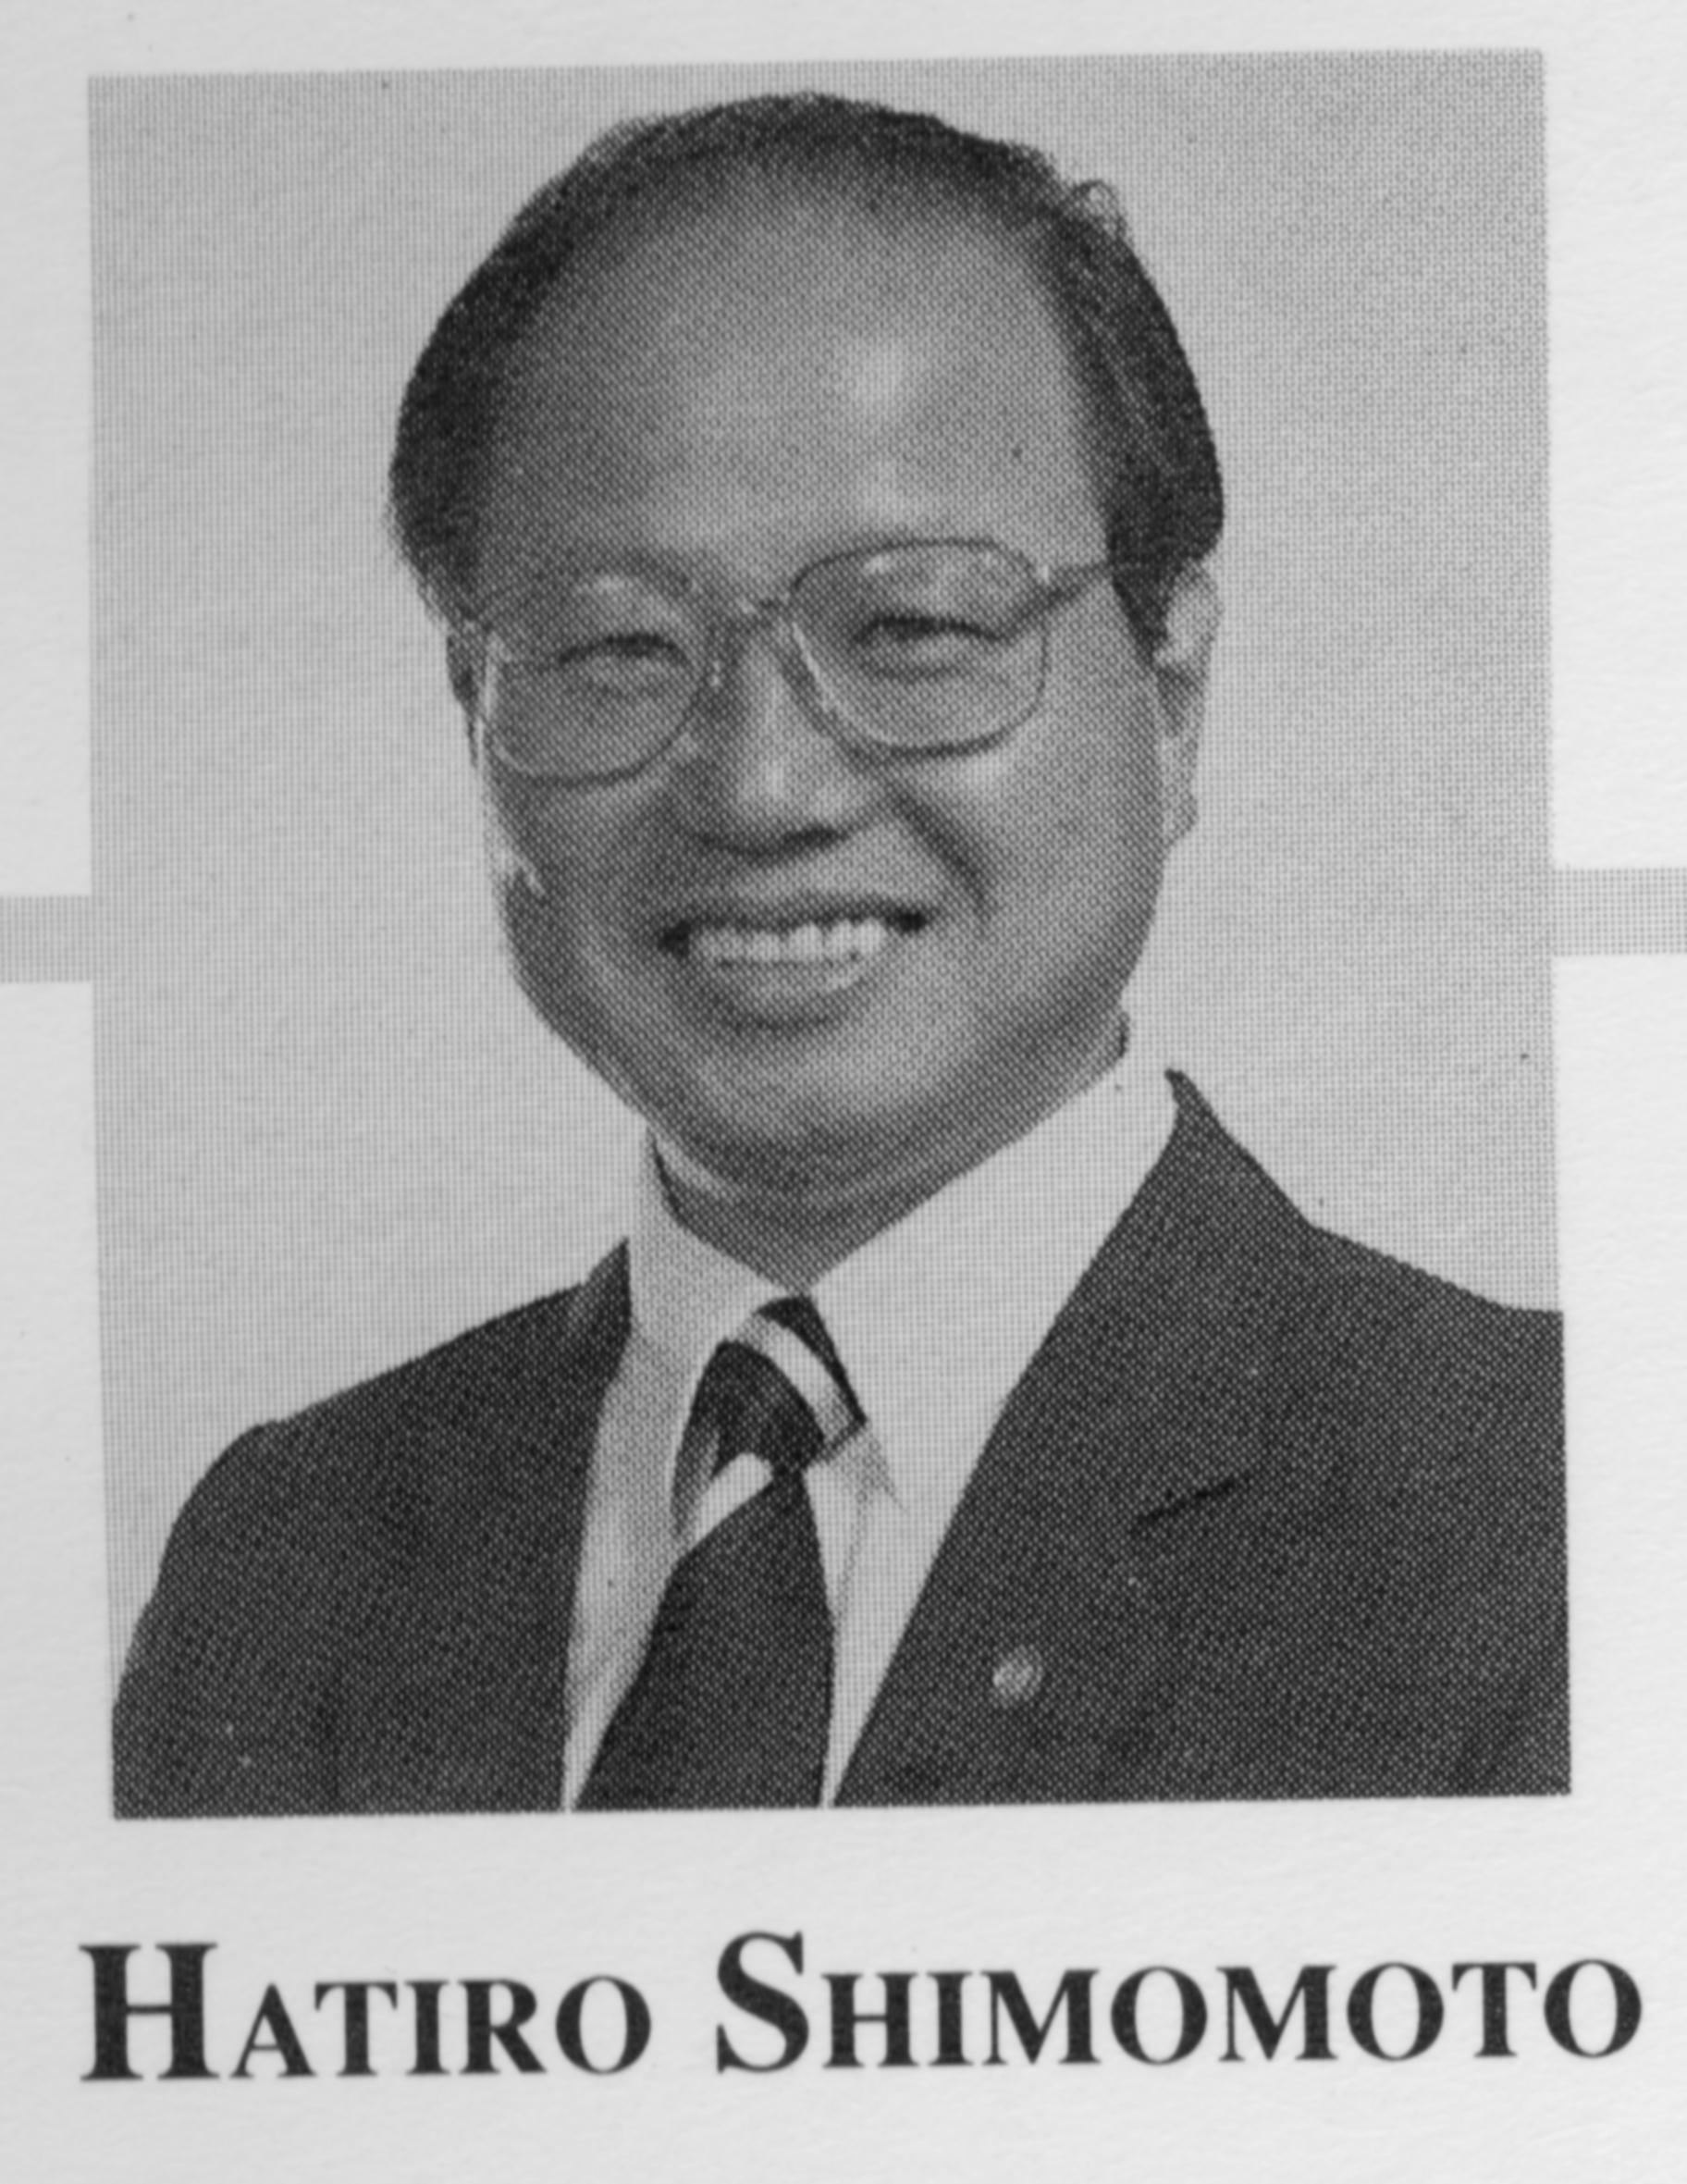 Hatiro Shimomoto